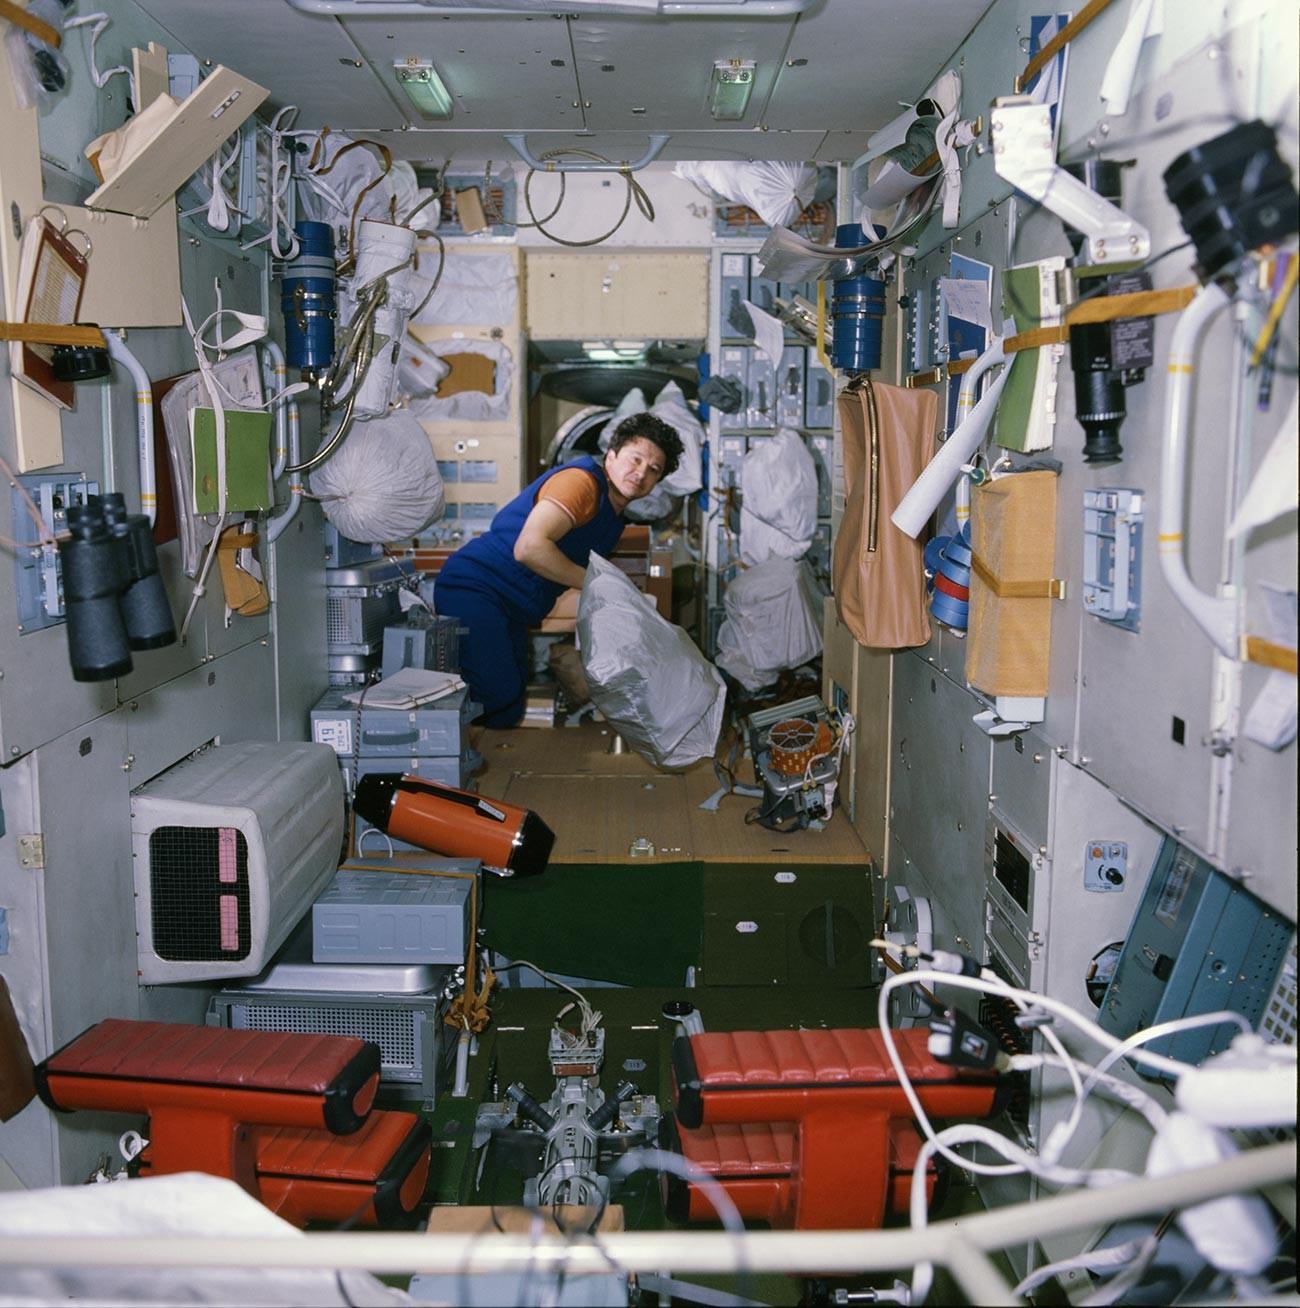 Suasana di dalam stasiun antariksa MIR, 1986.